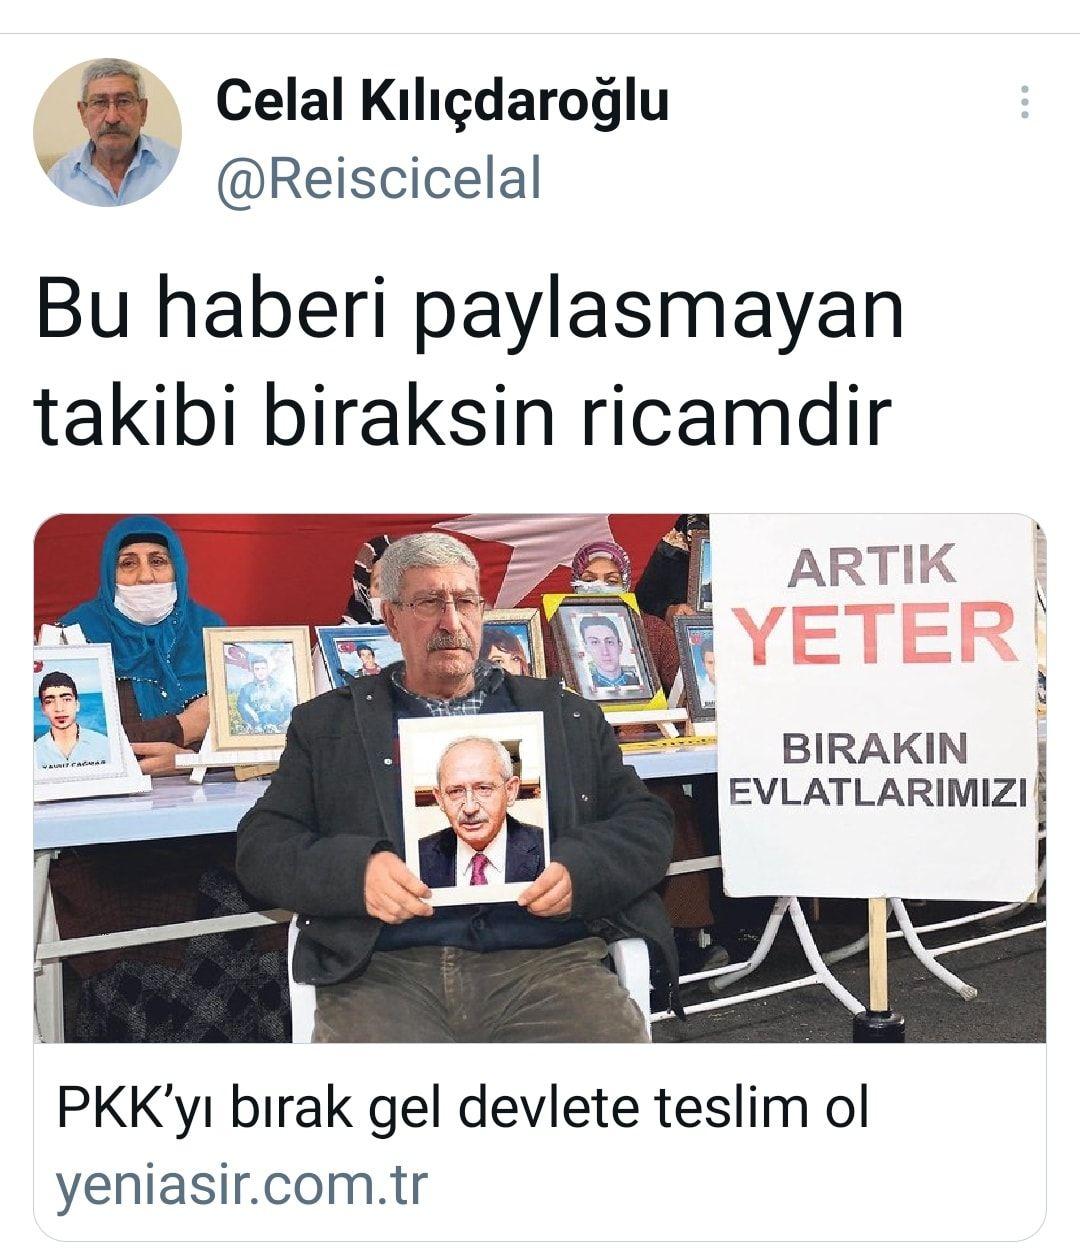 Kılıçdaroğlu'nun kardeşi HDP binası önünde nöbete başladı: Kemal Abi PKK'yı bırak devlete teslim ol